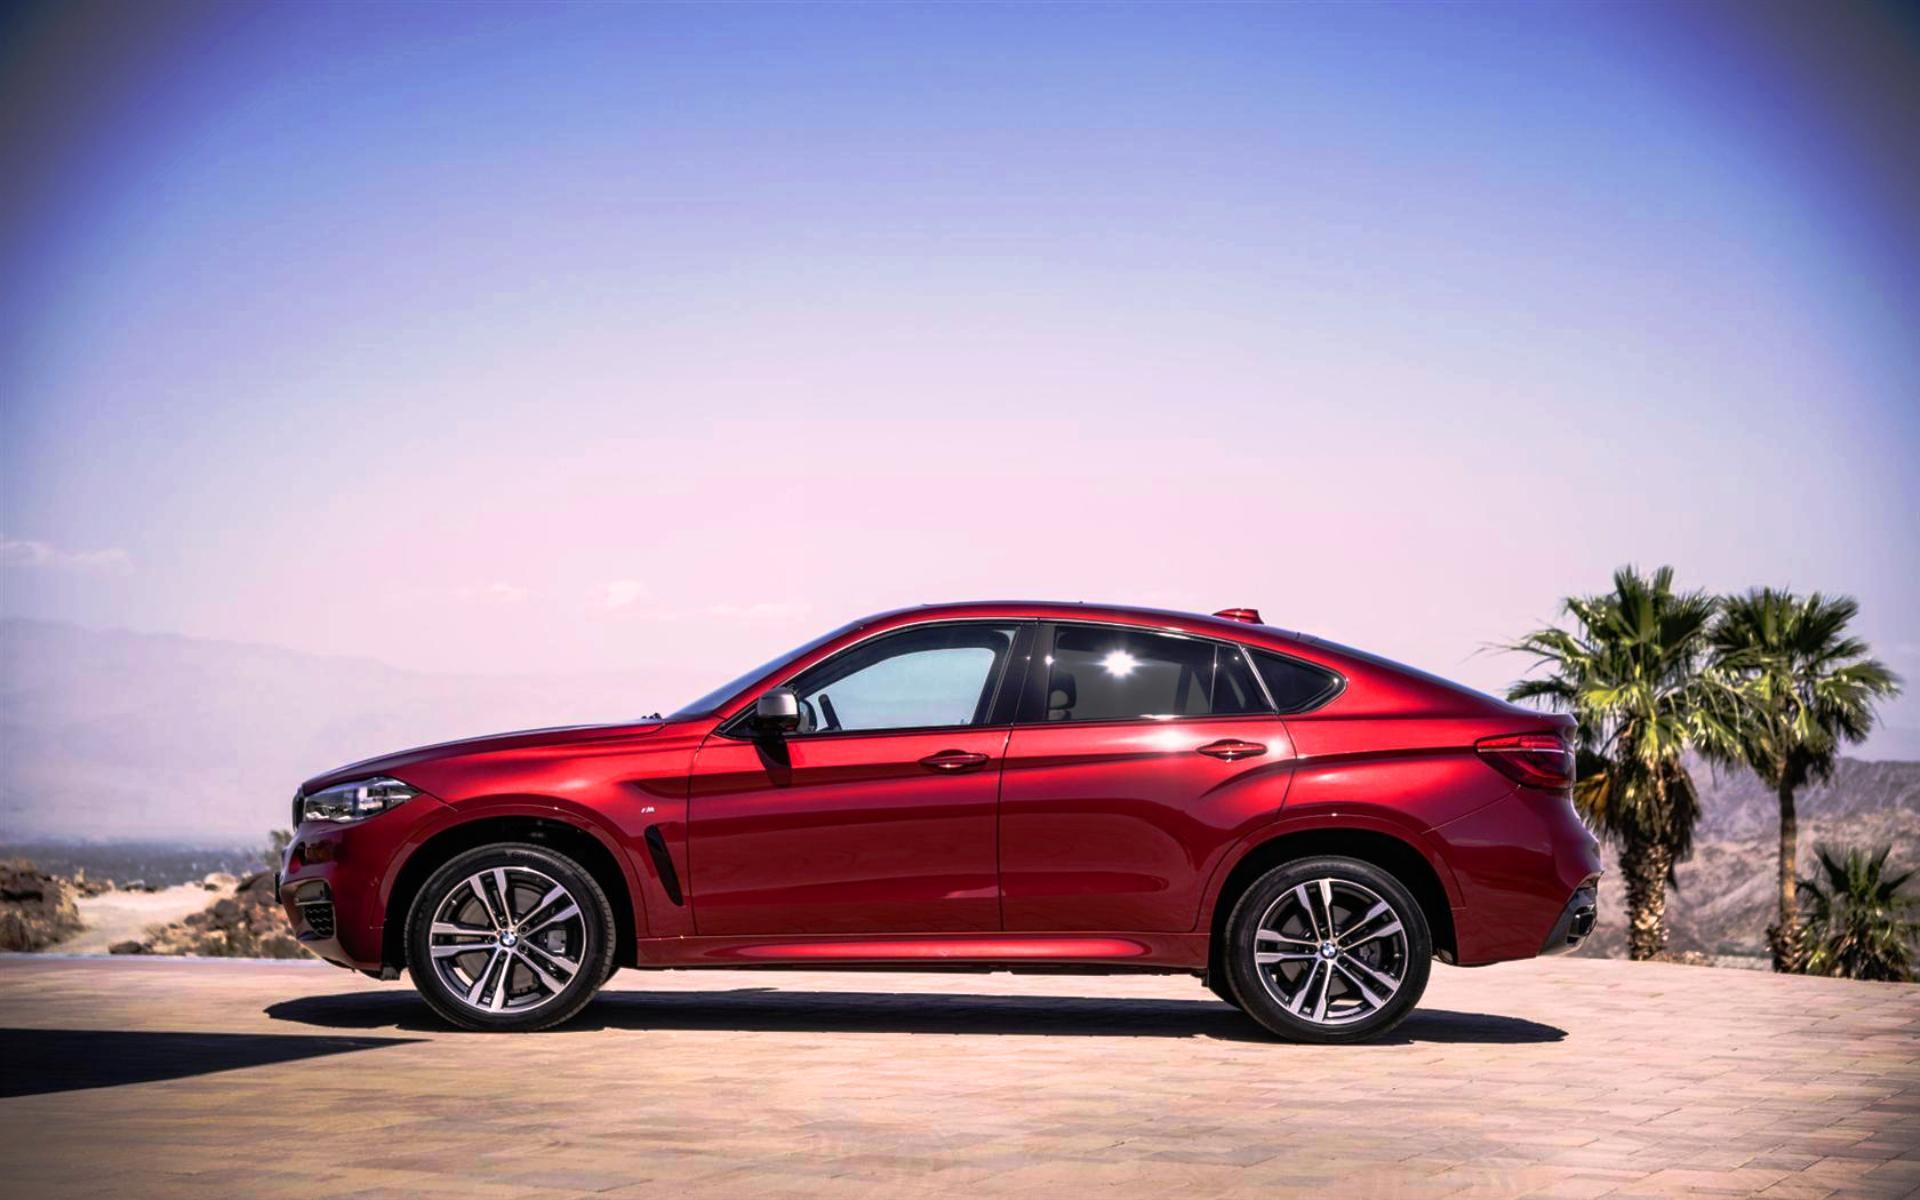 Картинка BMW X6 SUV » BMW | БМВ » Автомобили » Картинки 24 ...